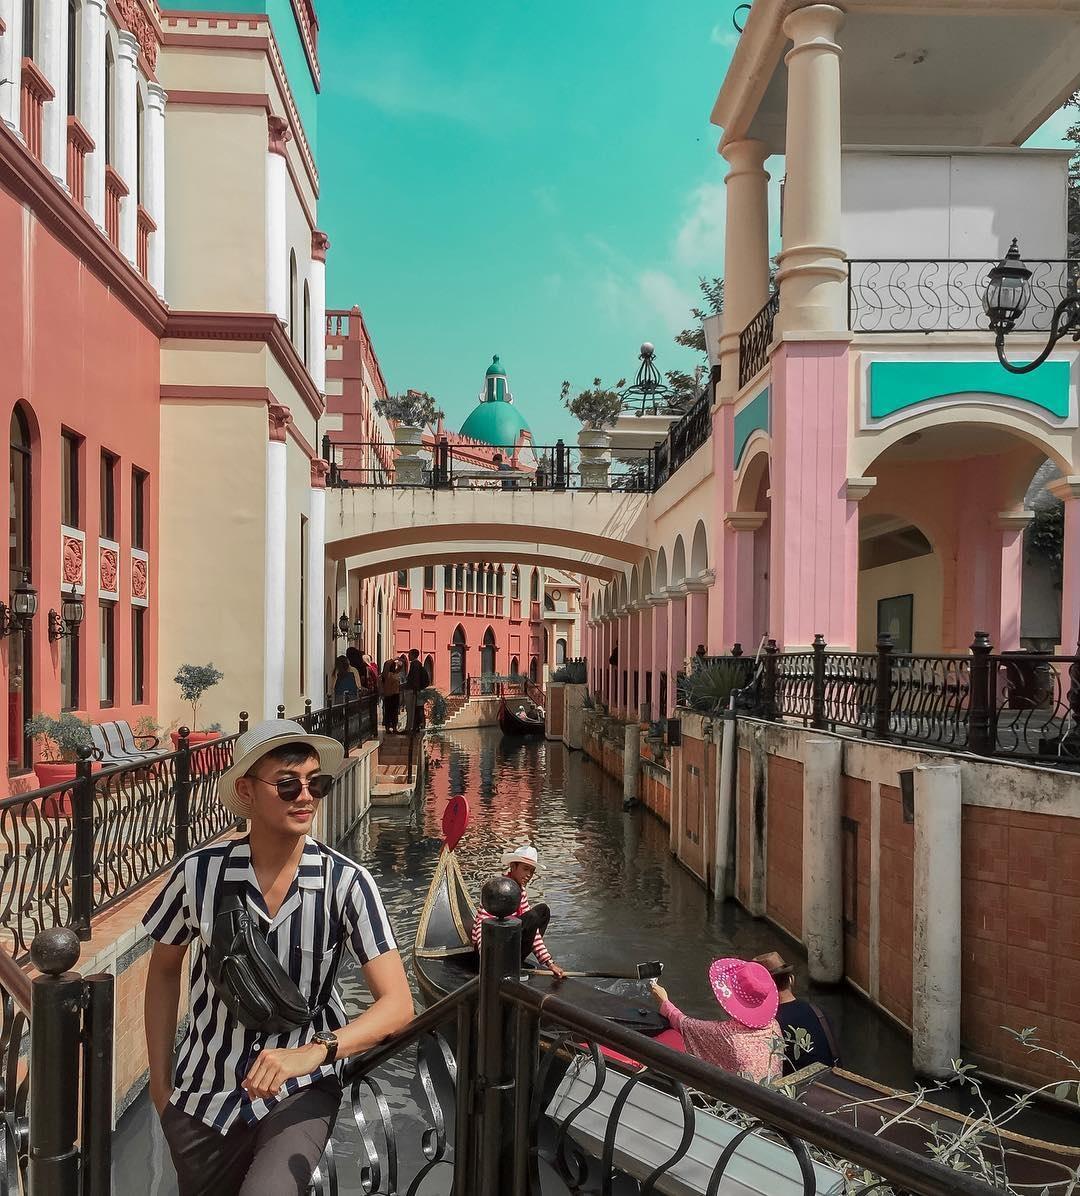 Harga Tiket Masuk Little Venice Kota Bunga November 8 - Wisata Oke